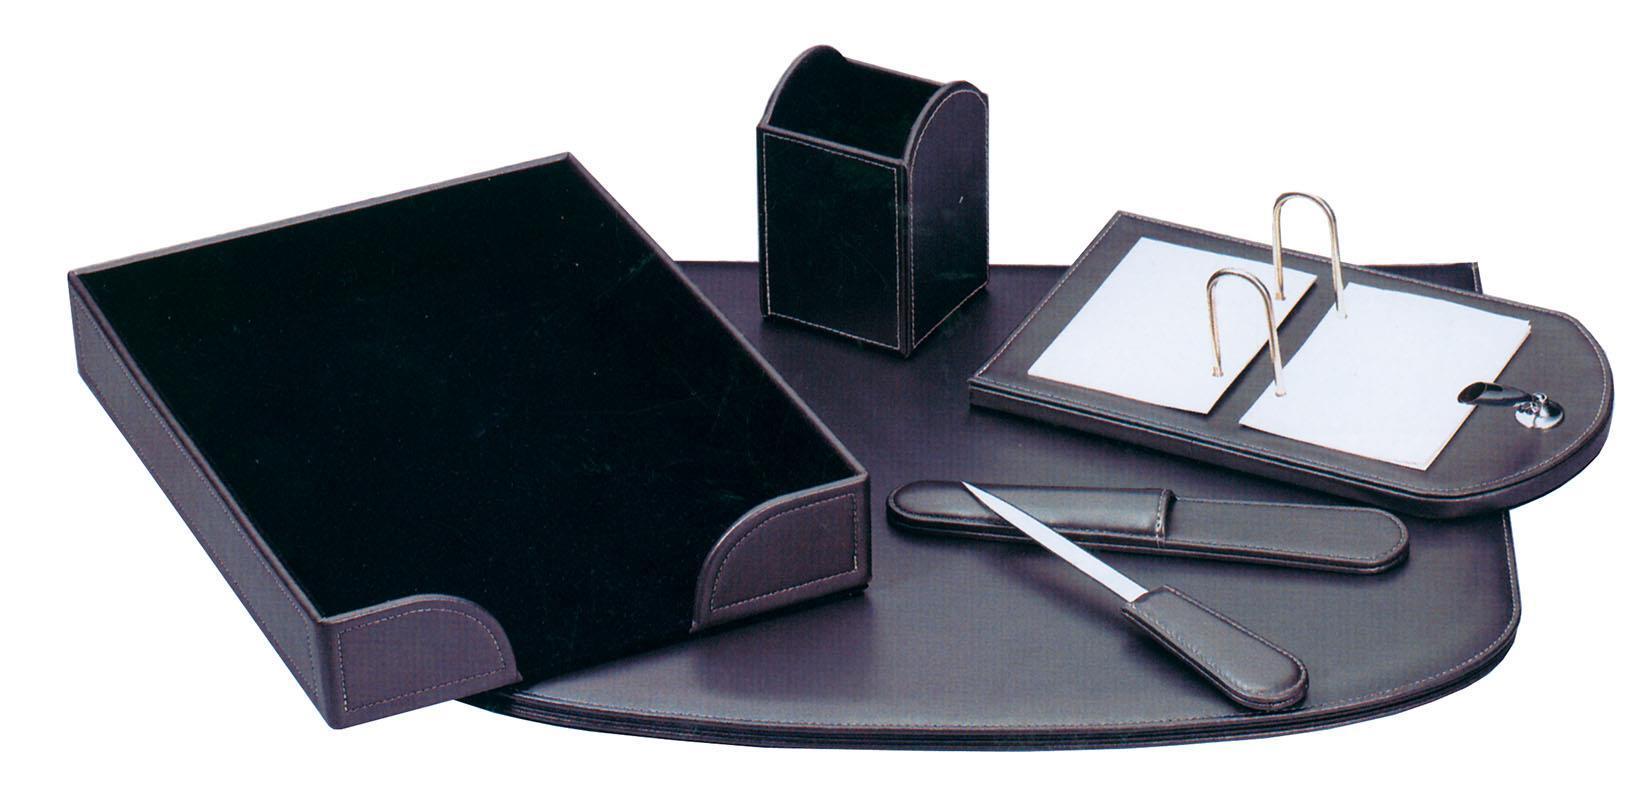 Fineline Fineline σετ γραφείου από συνθετ. δέρμα γκρι-ανθρακί 5 τεμάχια 19108-09ΑΜ-2